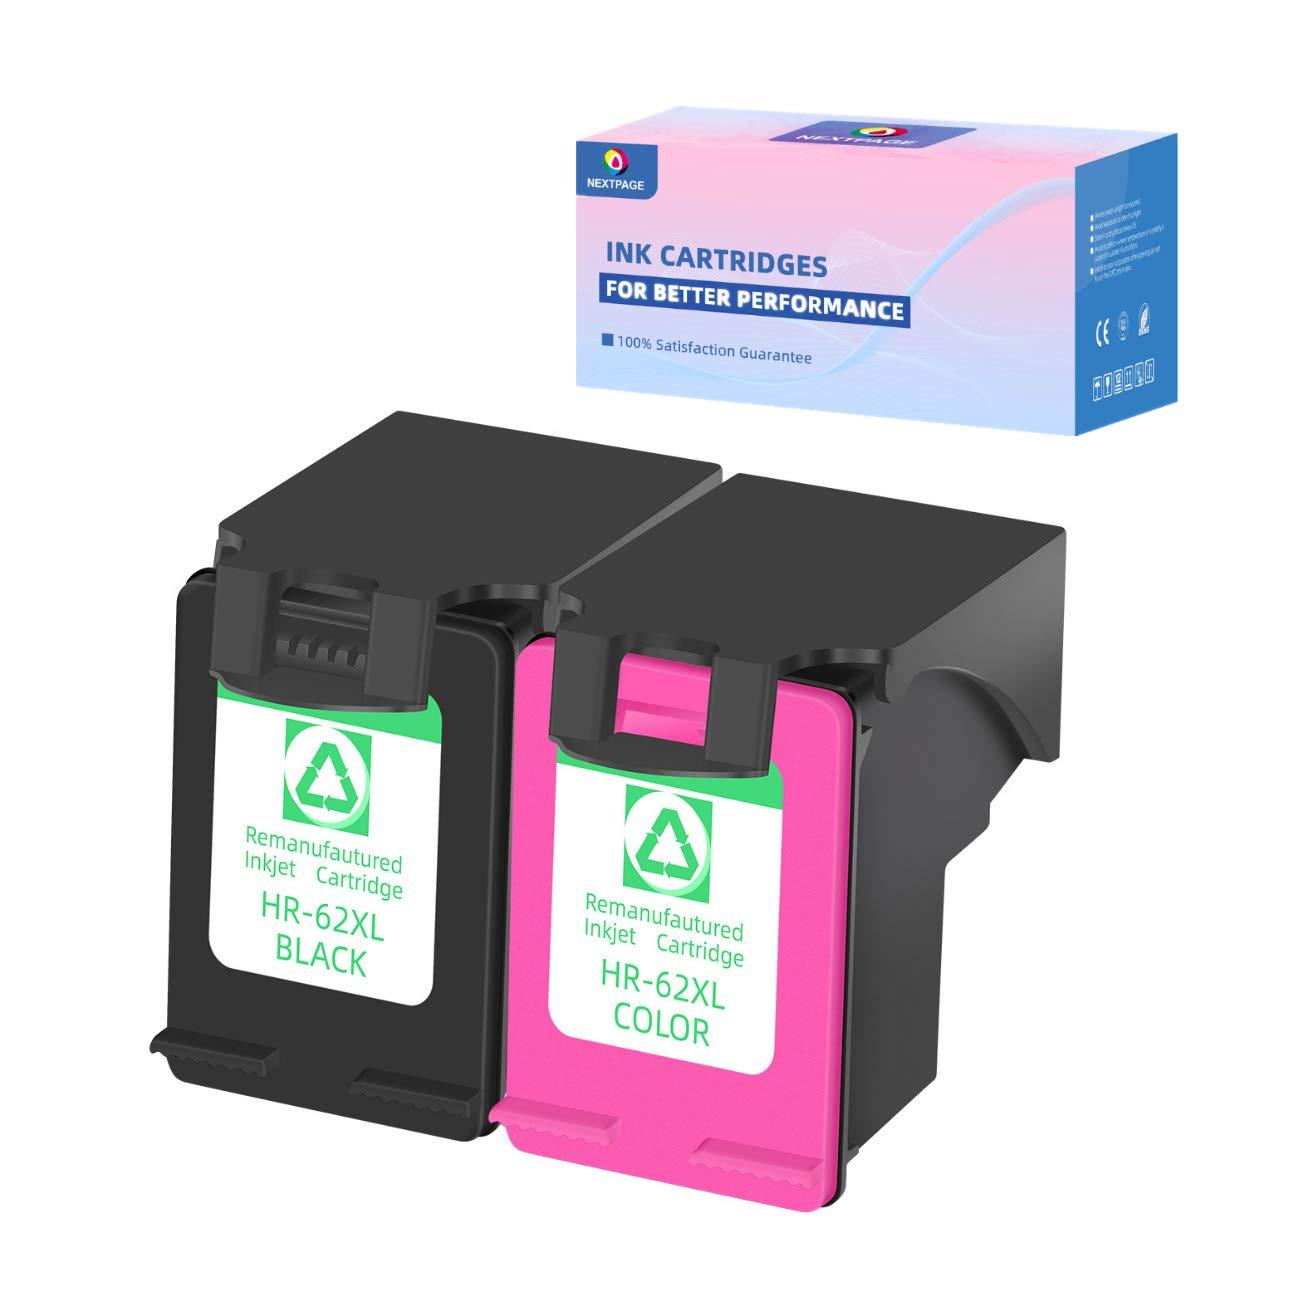 NEXTPAGE - Cartucho de Tinta refabricado para HP 62XL 62XL (Negro y Color 2 Combo Pack) para Uso con HP Envy 5540 5540 5542 5544 5545 5546 (1 Negro, 1 Tri-Color, 2 Unidades): Amazon.es: Electrónica